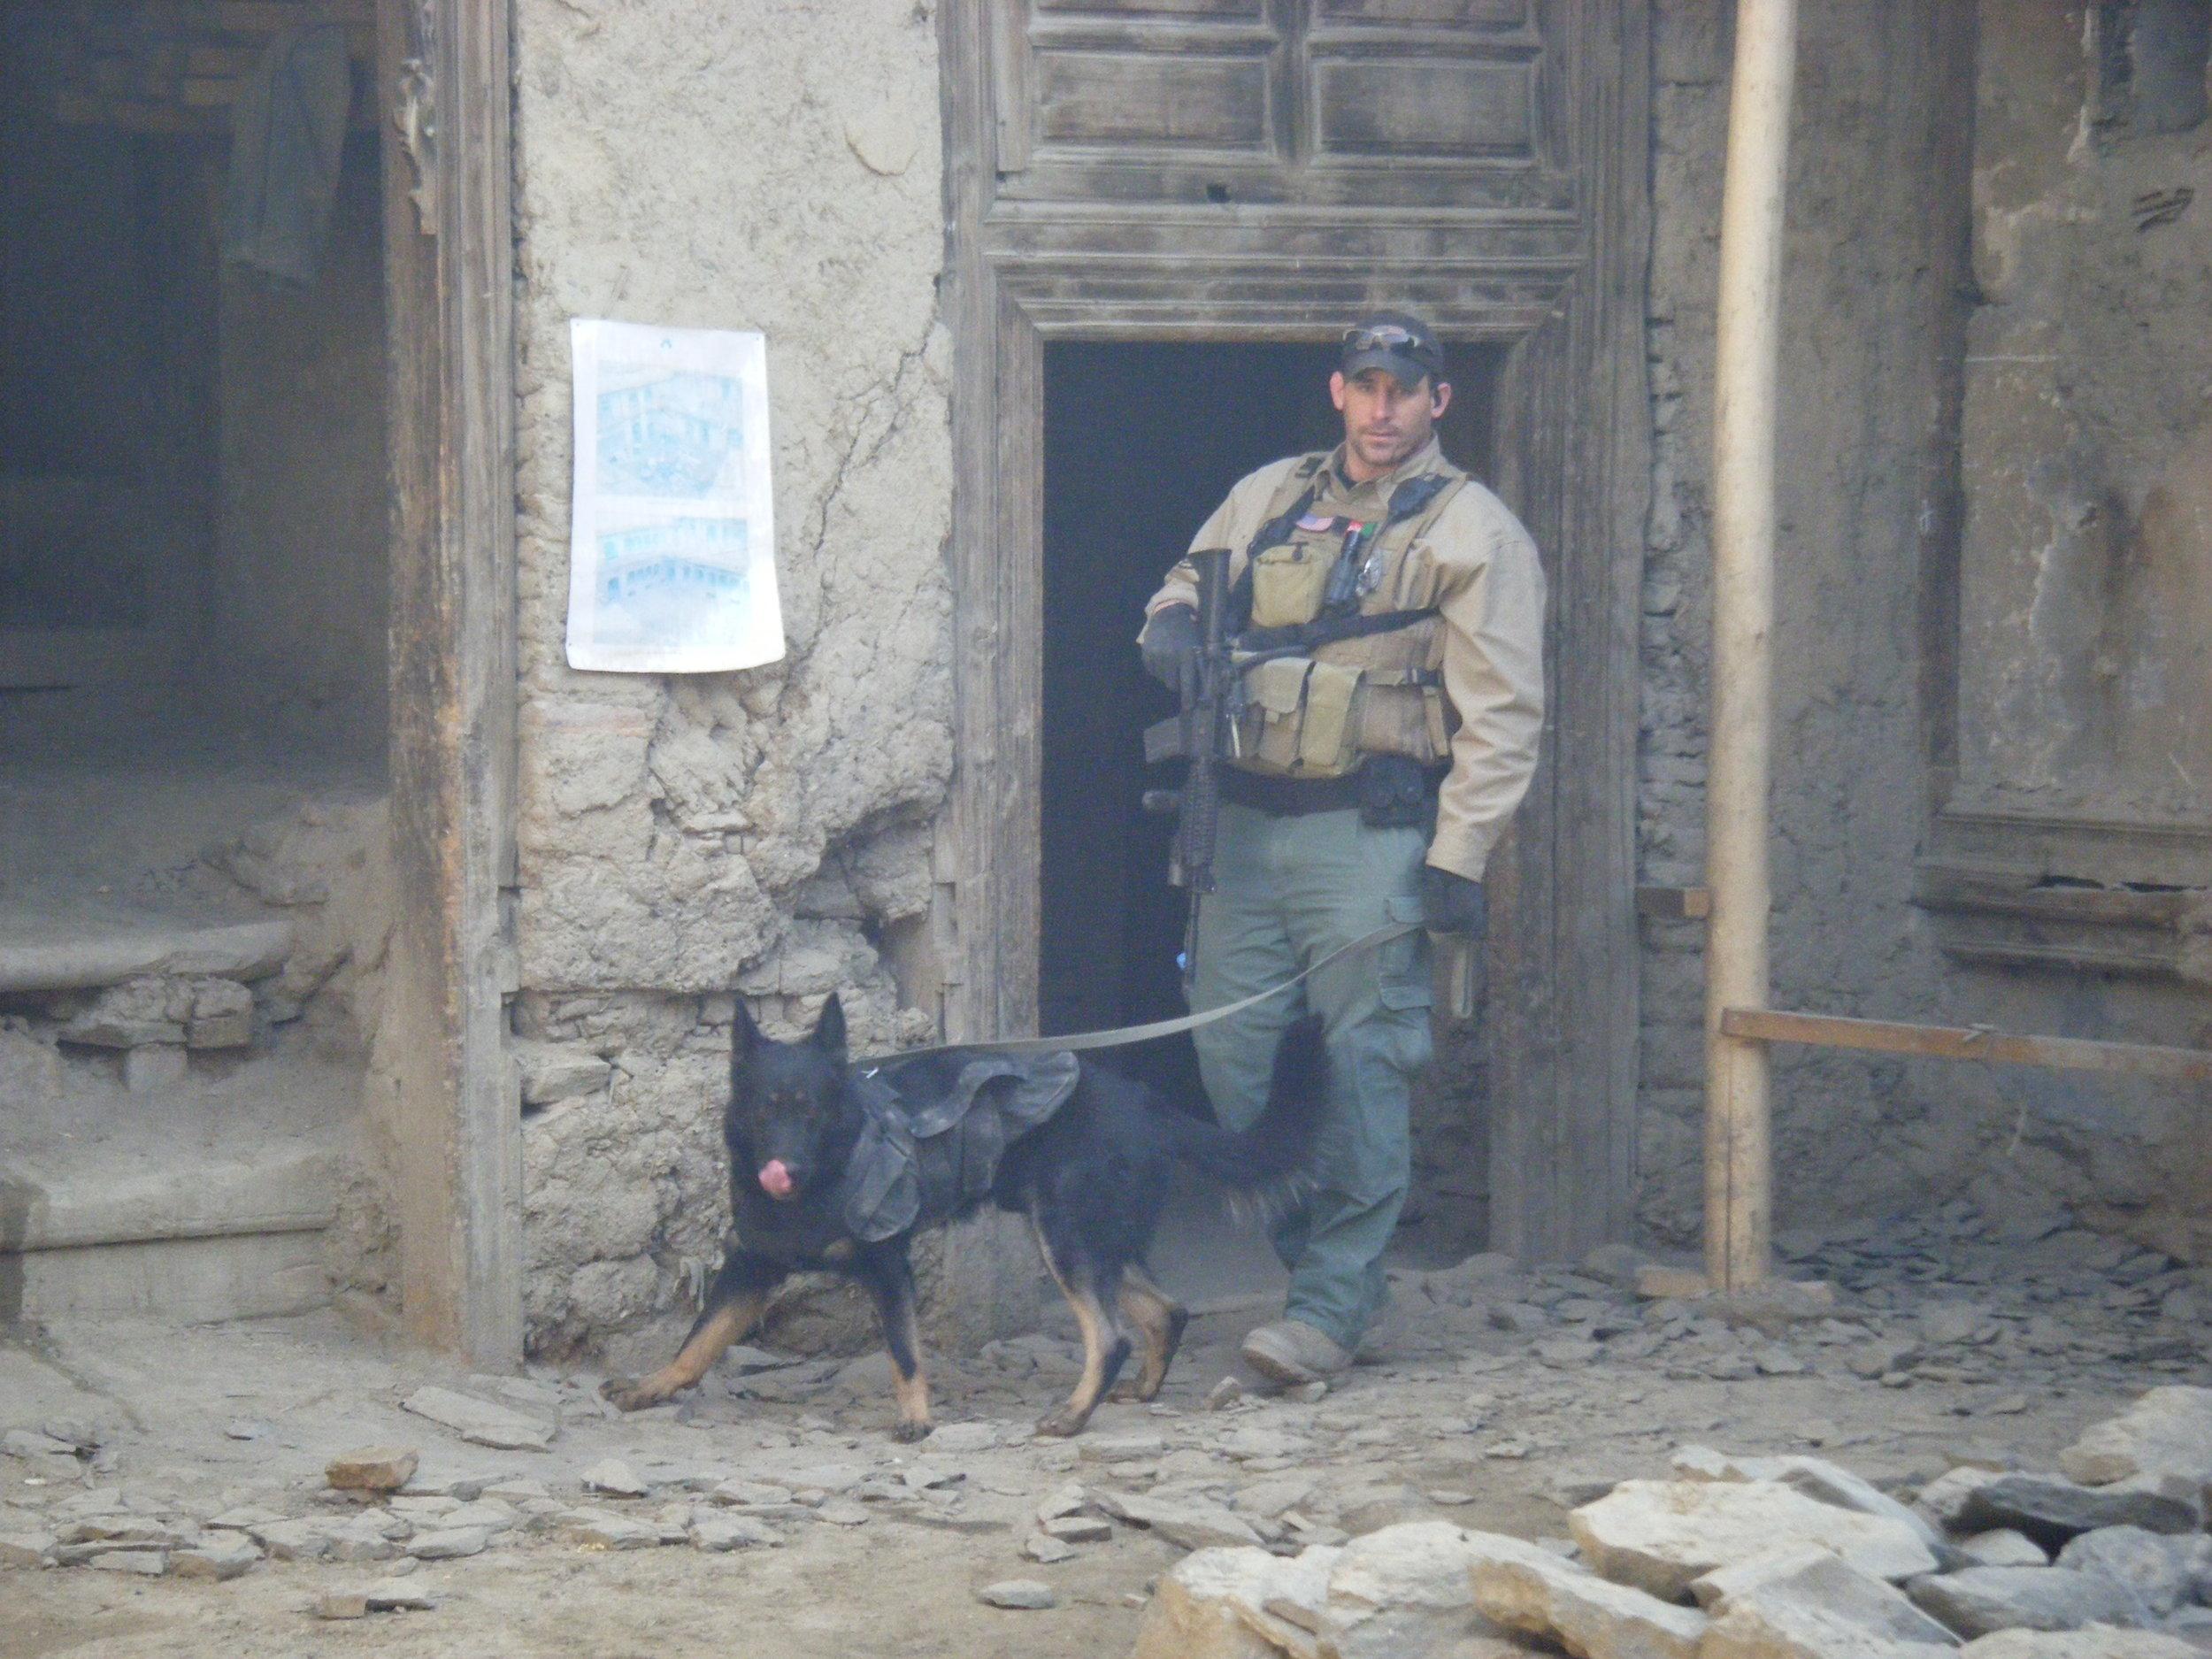 Dan Hughes in Afghanistan